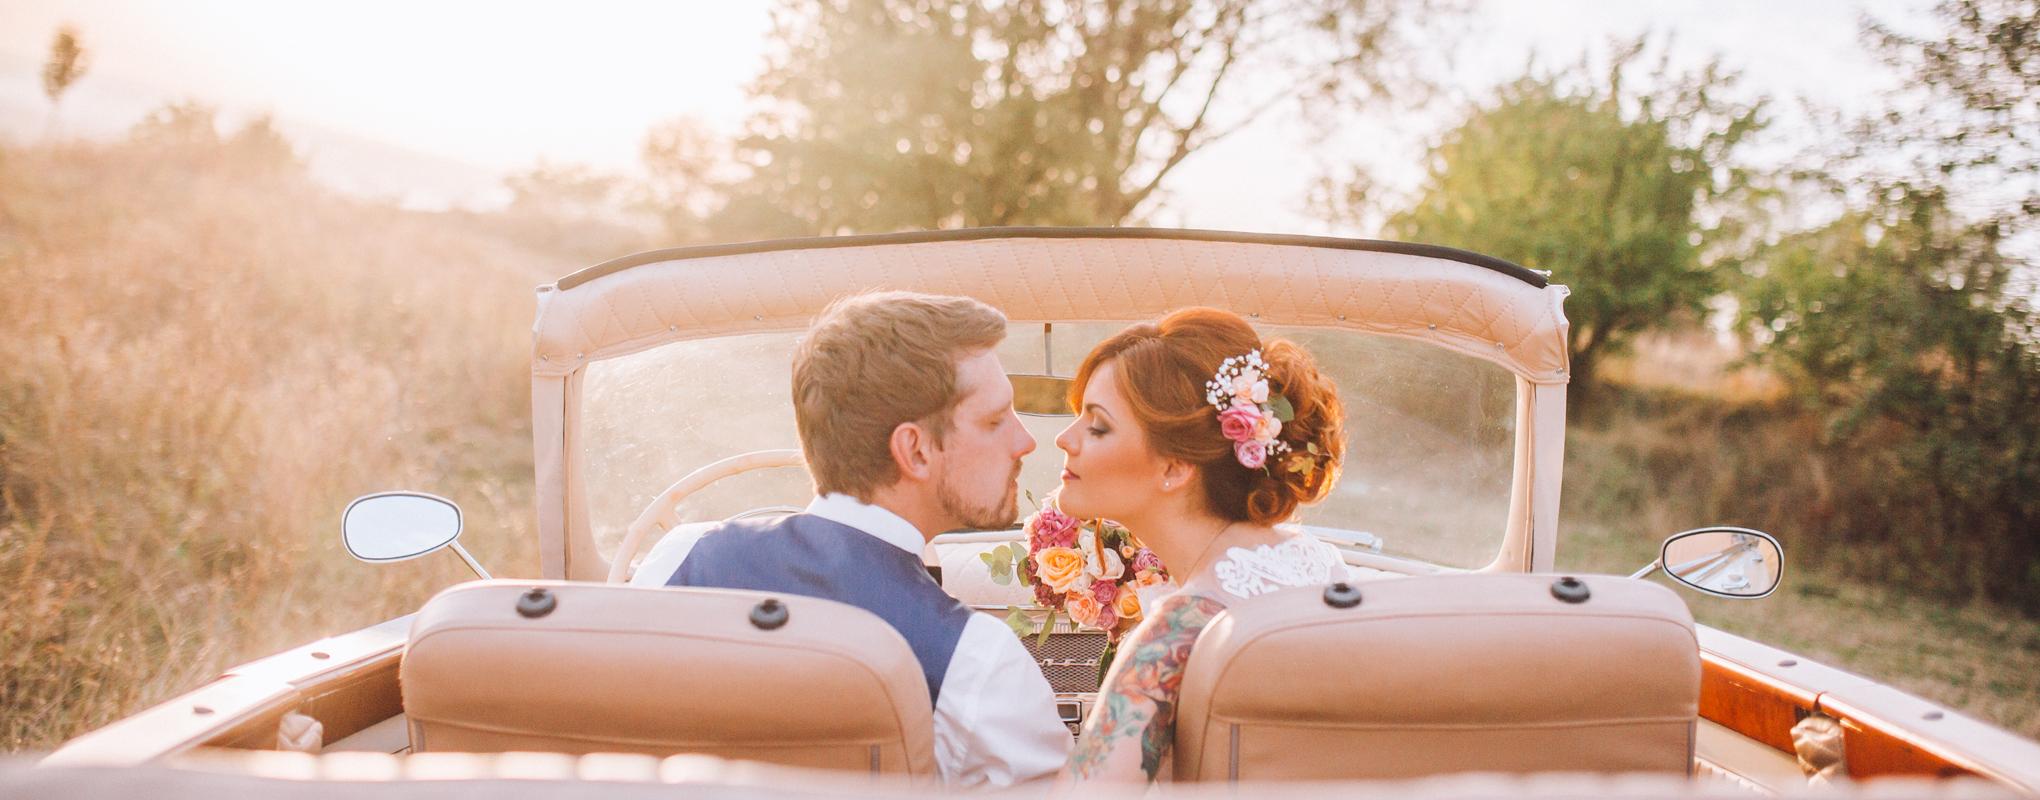 Heiraten Fahrzeug